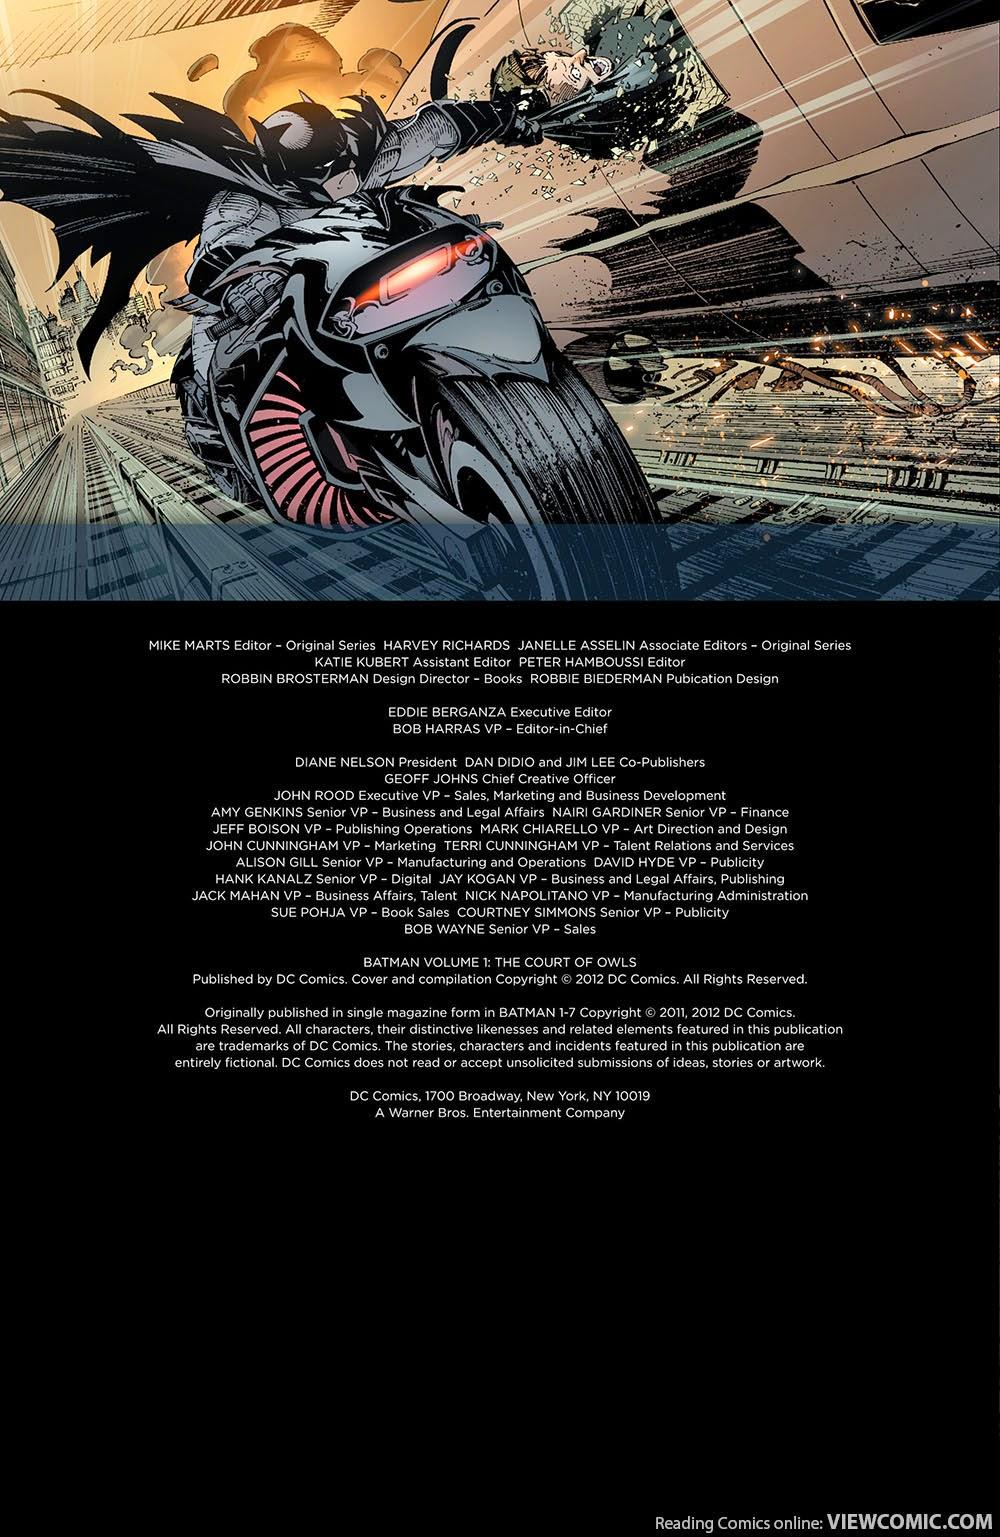 Batman Vol. 1 The Court Of Owls Pdf